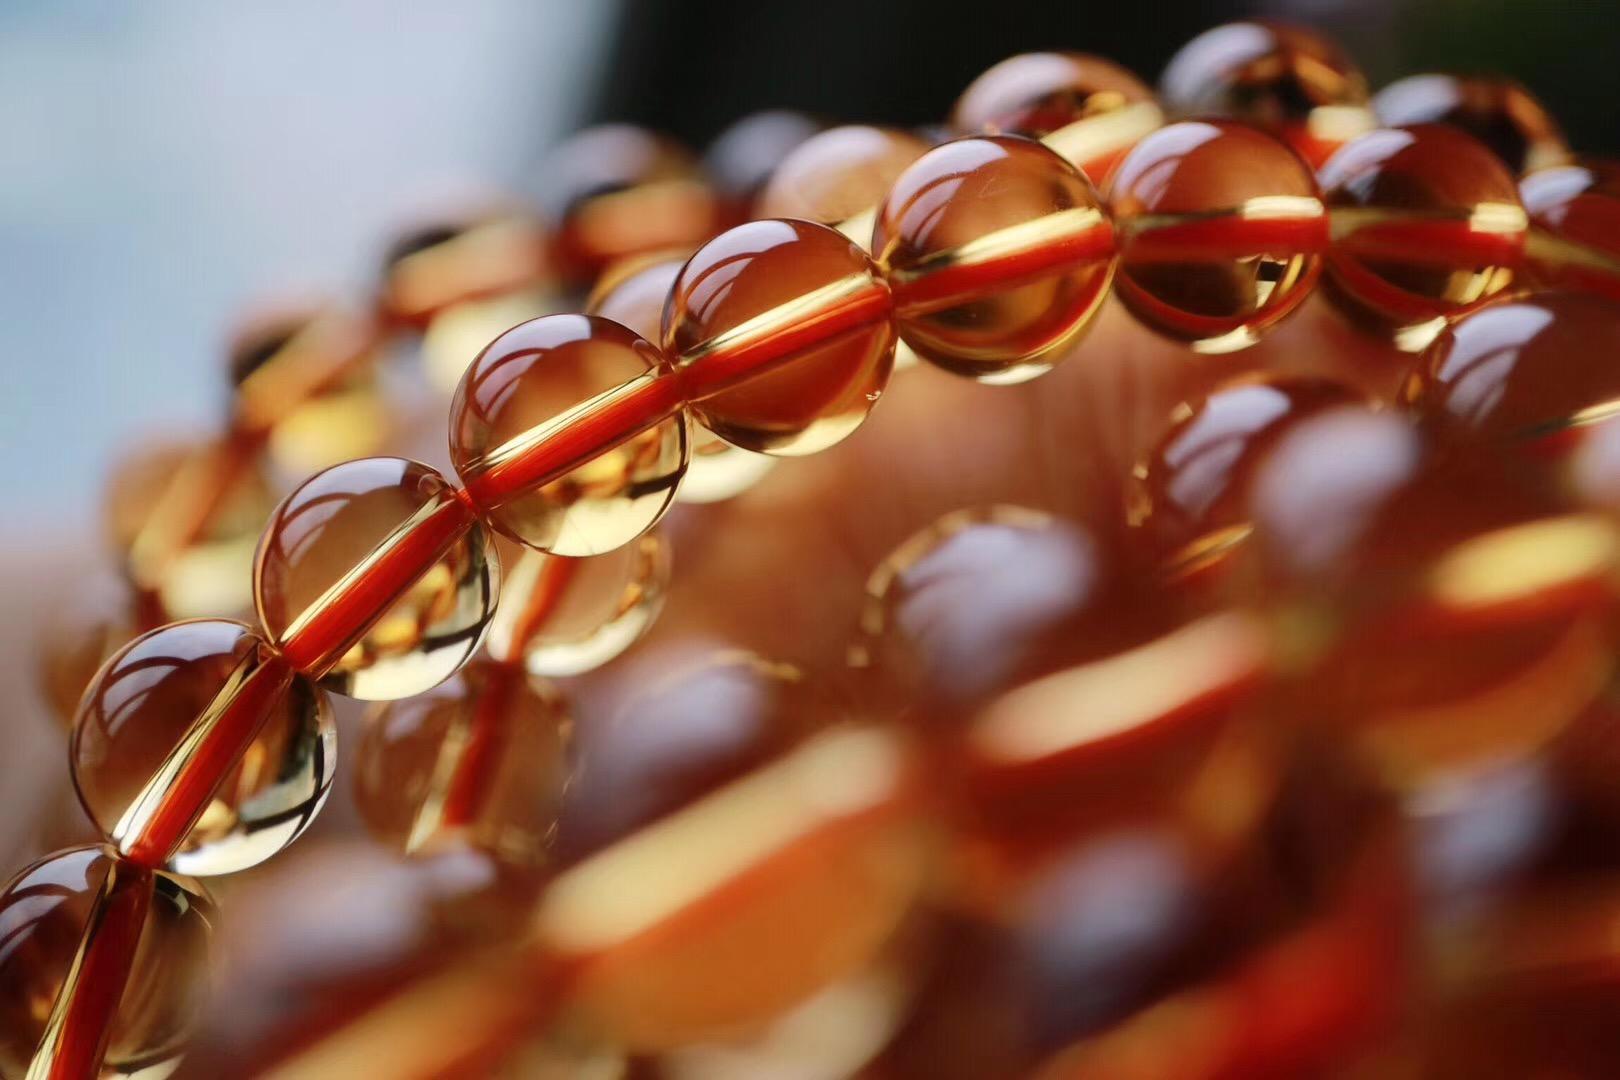 【菩心 | 收藏级黄水晶】颜色、晶体到顶,一条就可以顺利毕业-菩心晶舍